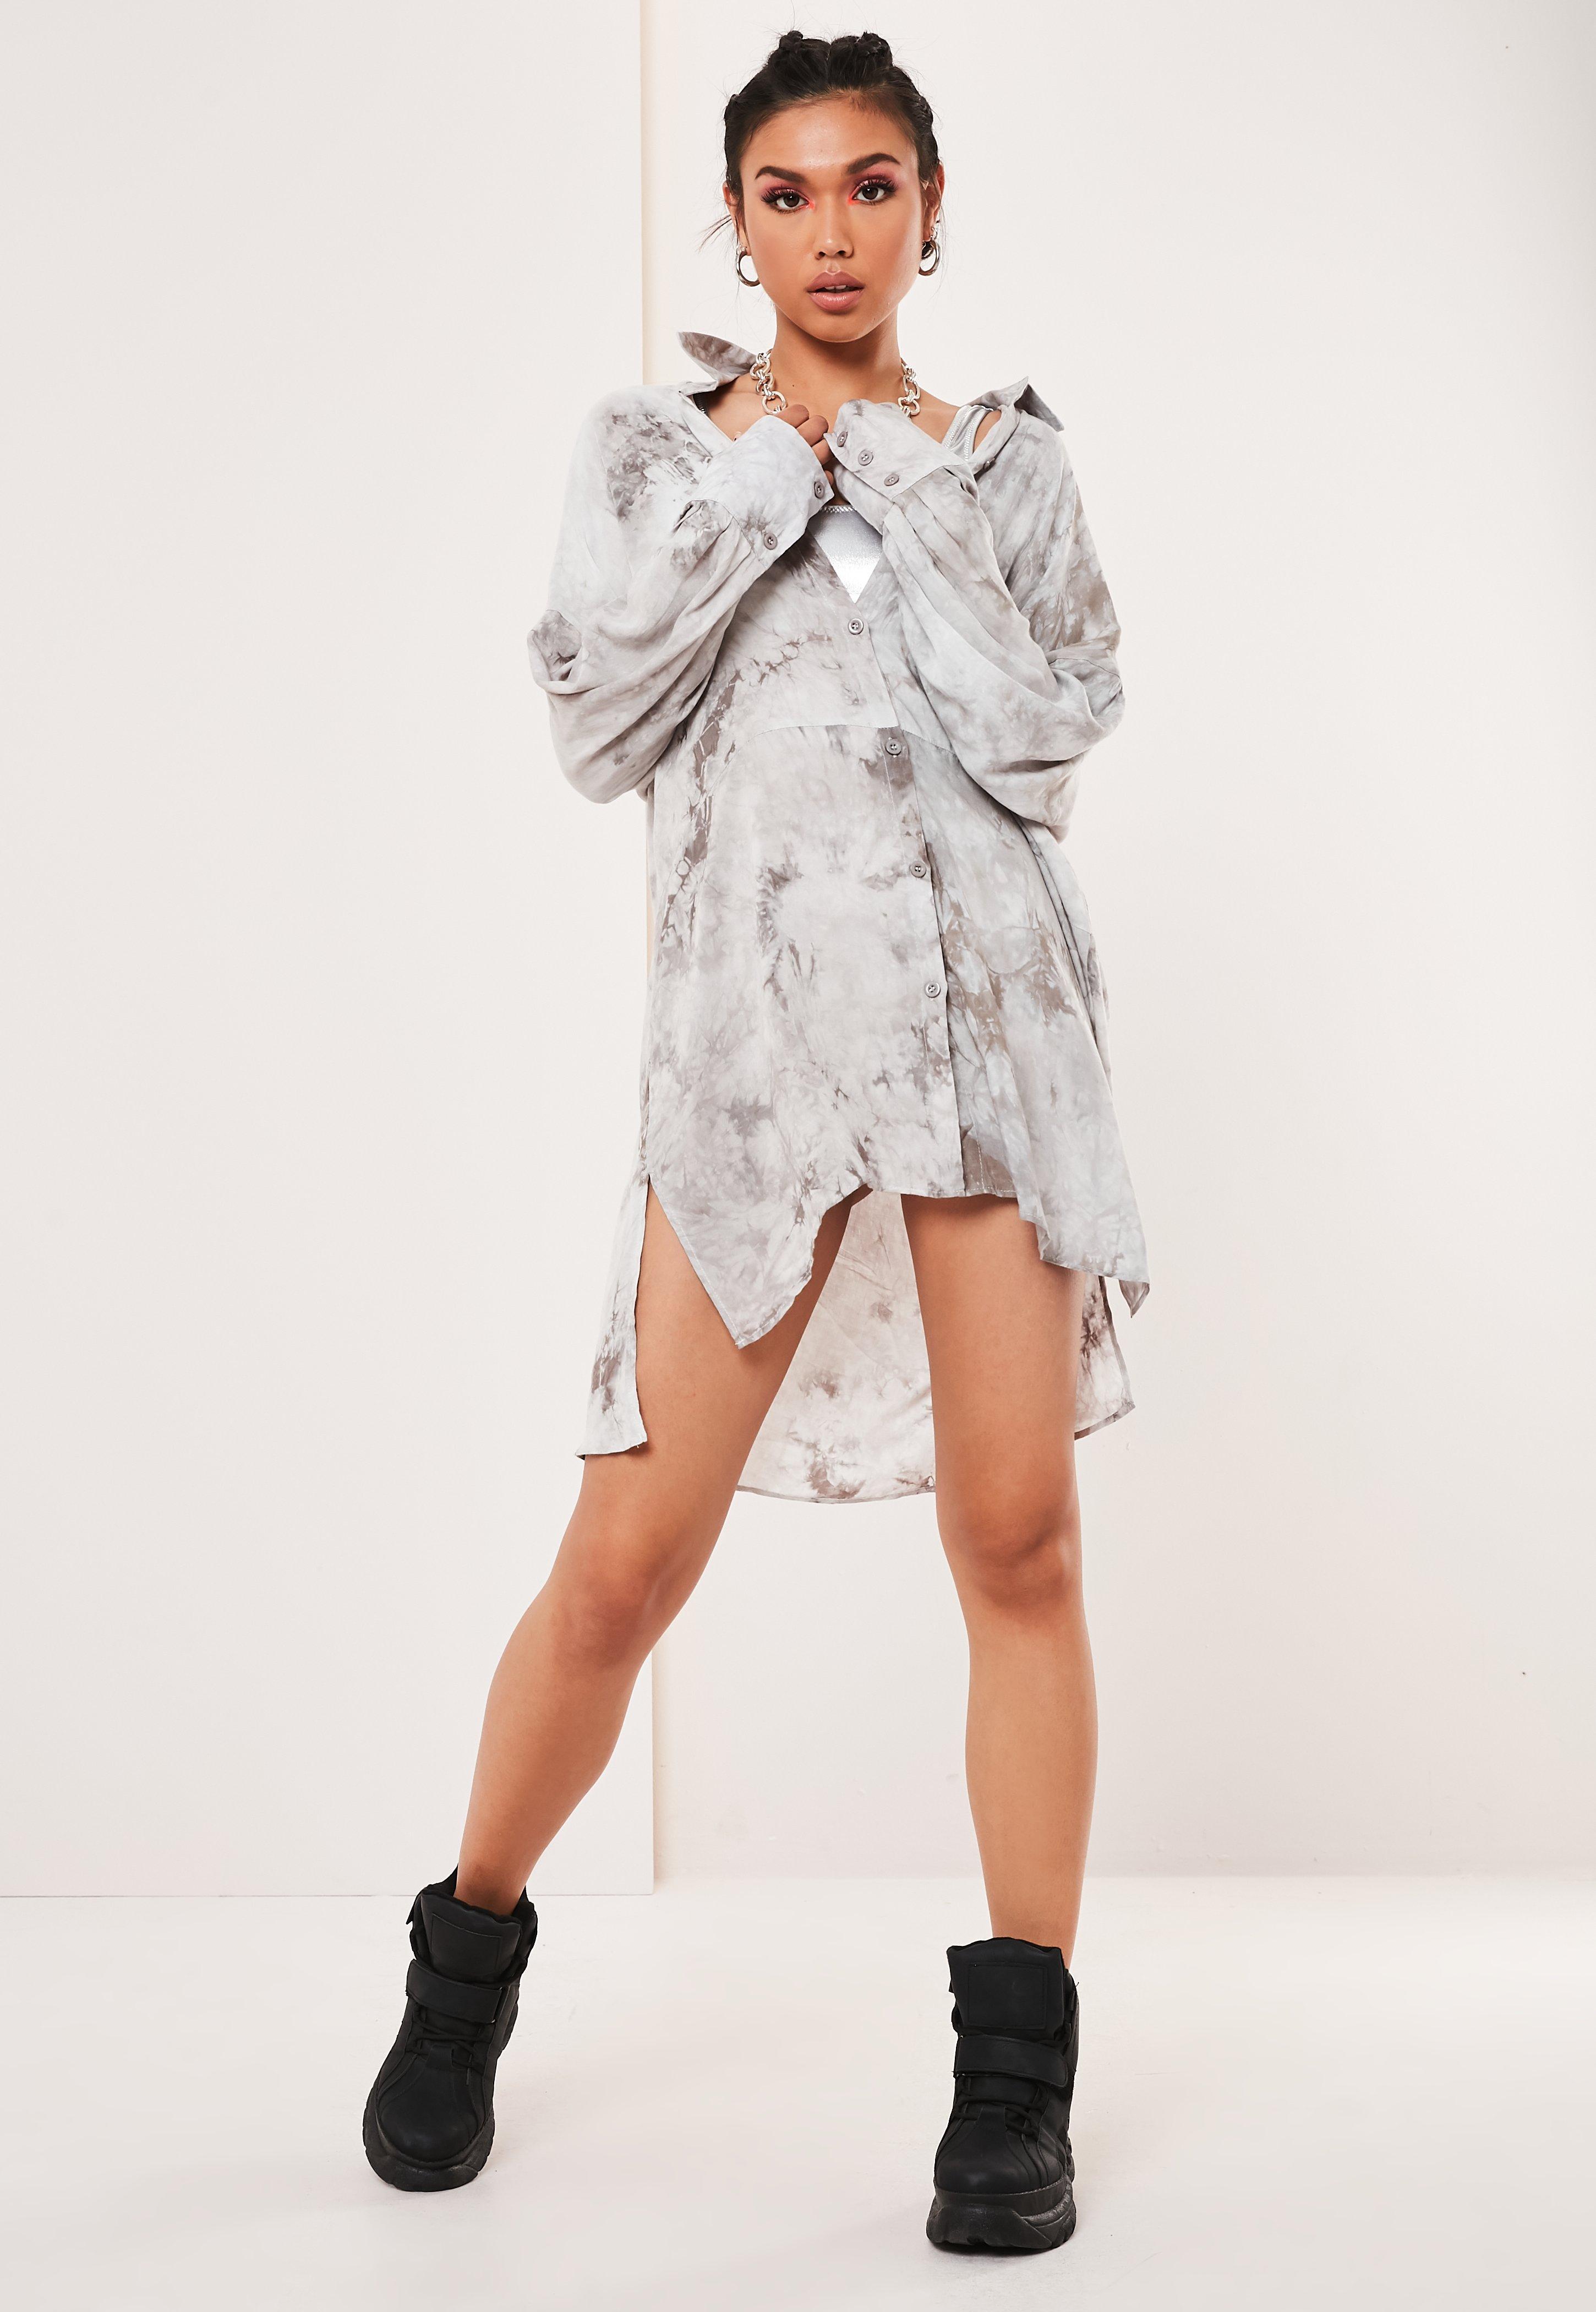 d3f08974c0d Shirt Dresses